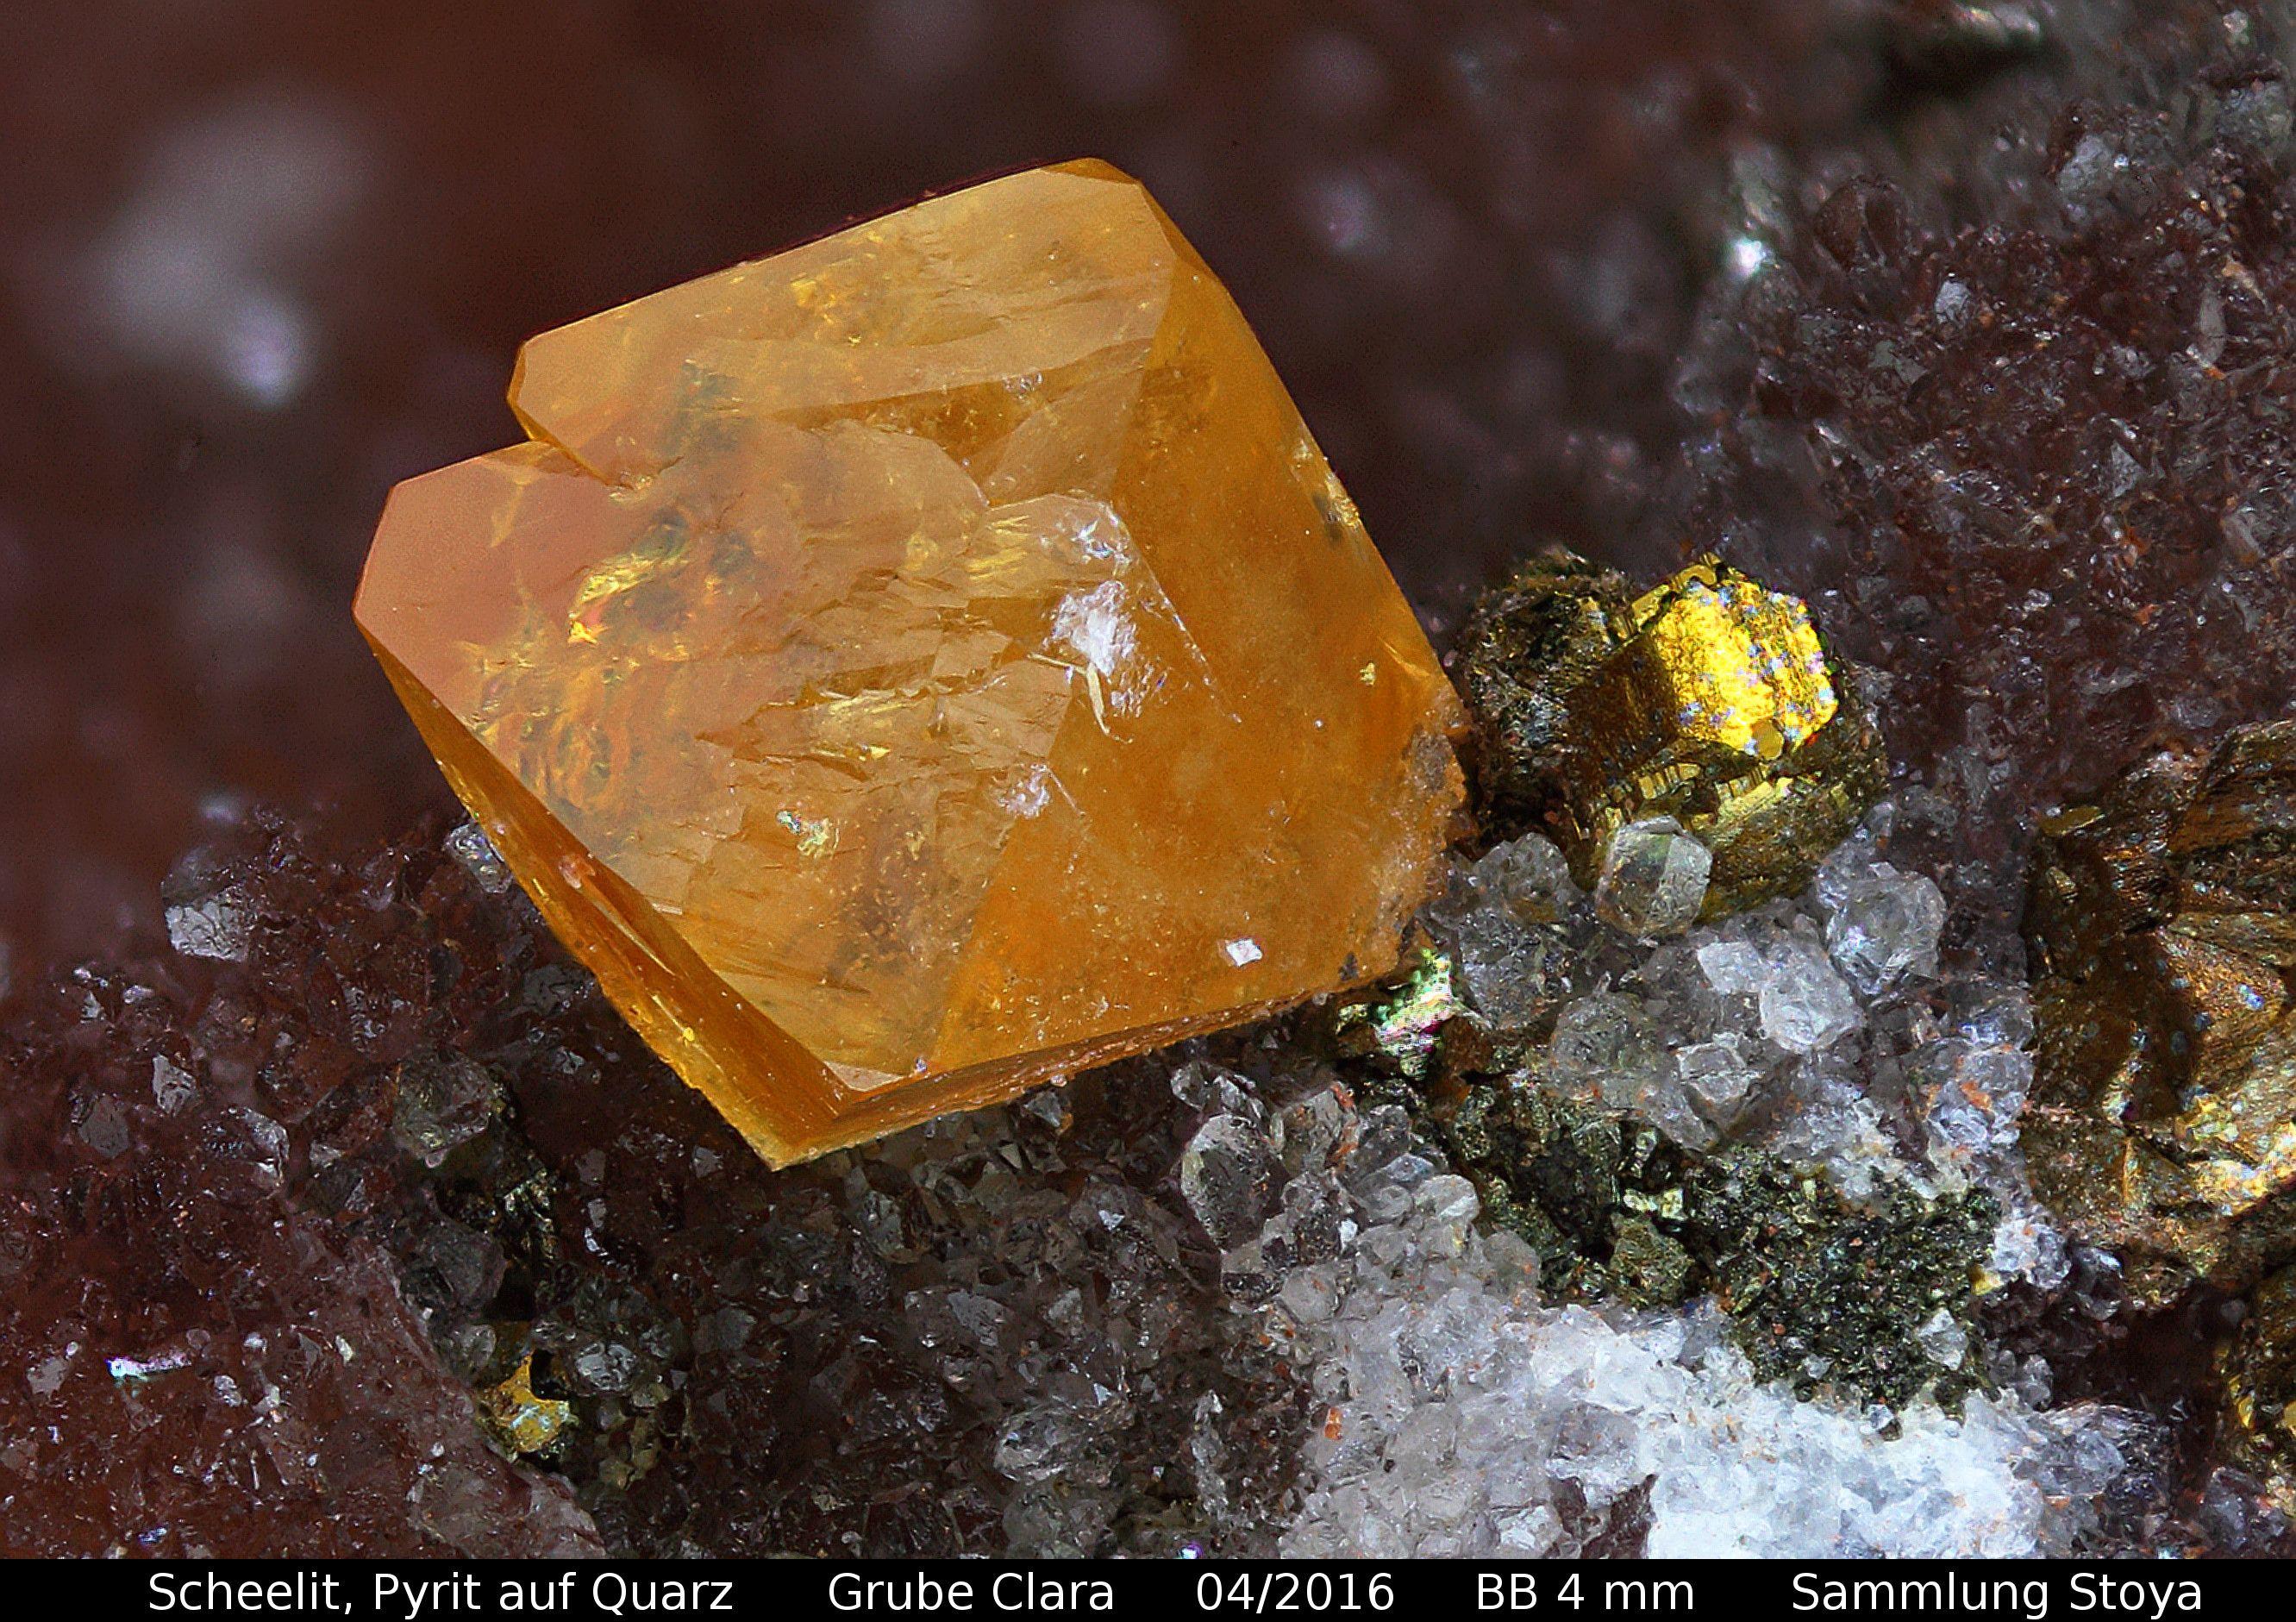 Scheelit,Pyrit auf Quarz  Clara Mine, Rankach valley, Oberwolfach, Wolfach, Black Forest, Baden-Württemberg, Germany Copyright © Stoya